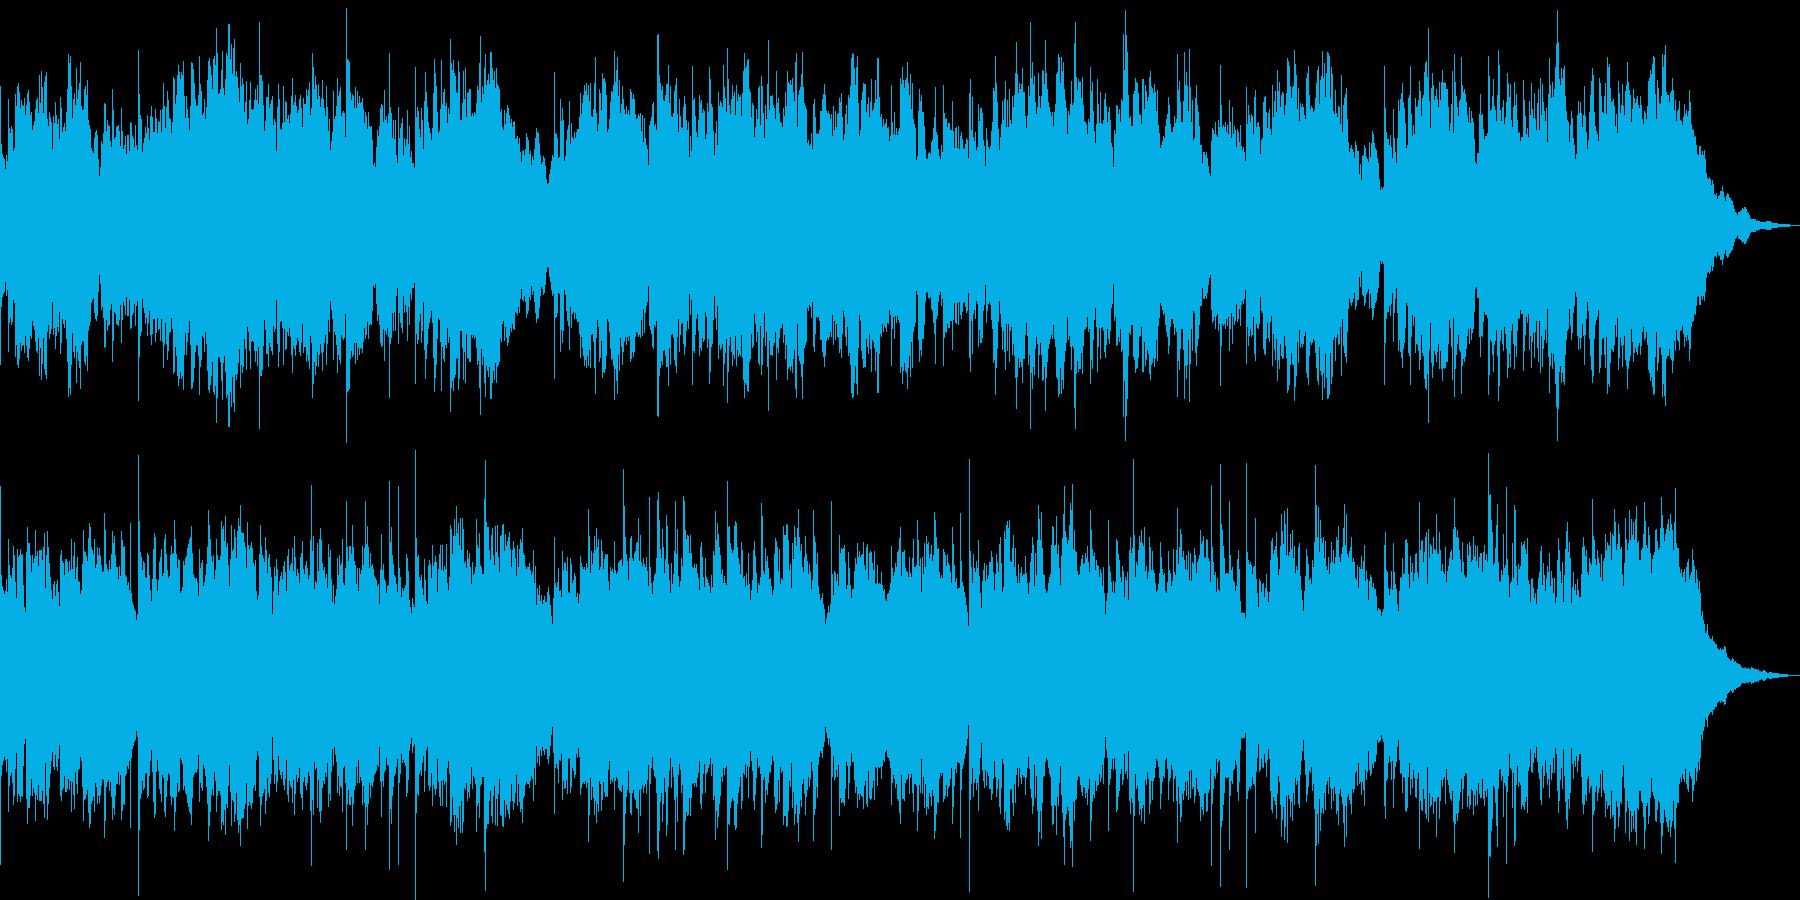 日本の風景に合う切ない琴のアンビエントの再生済みの波形